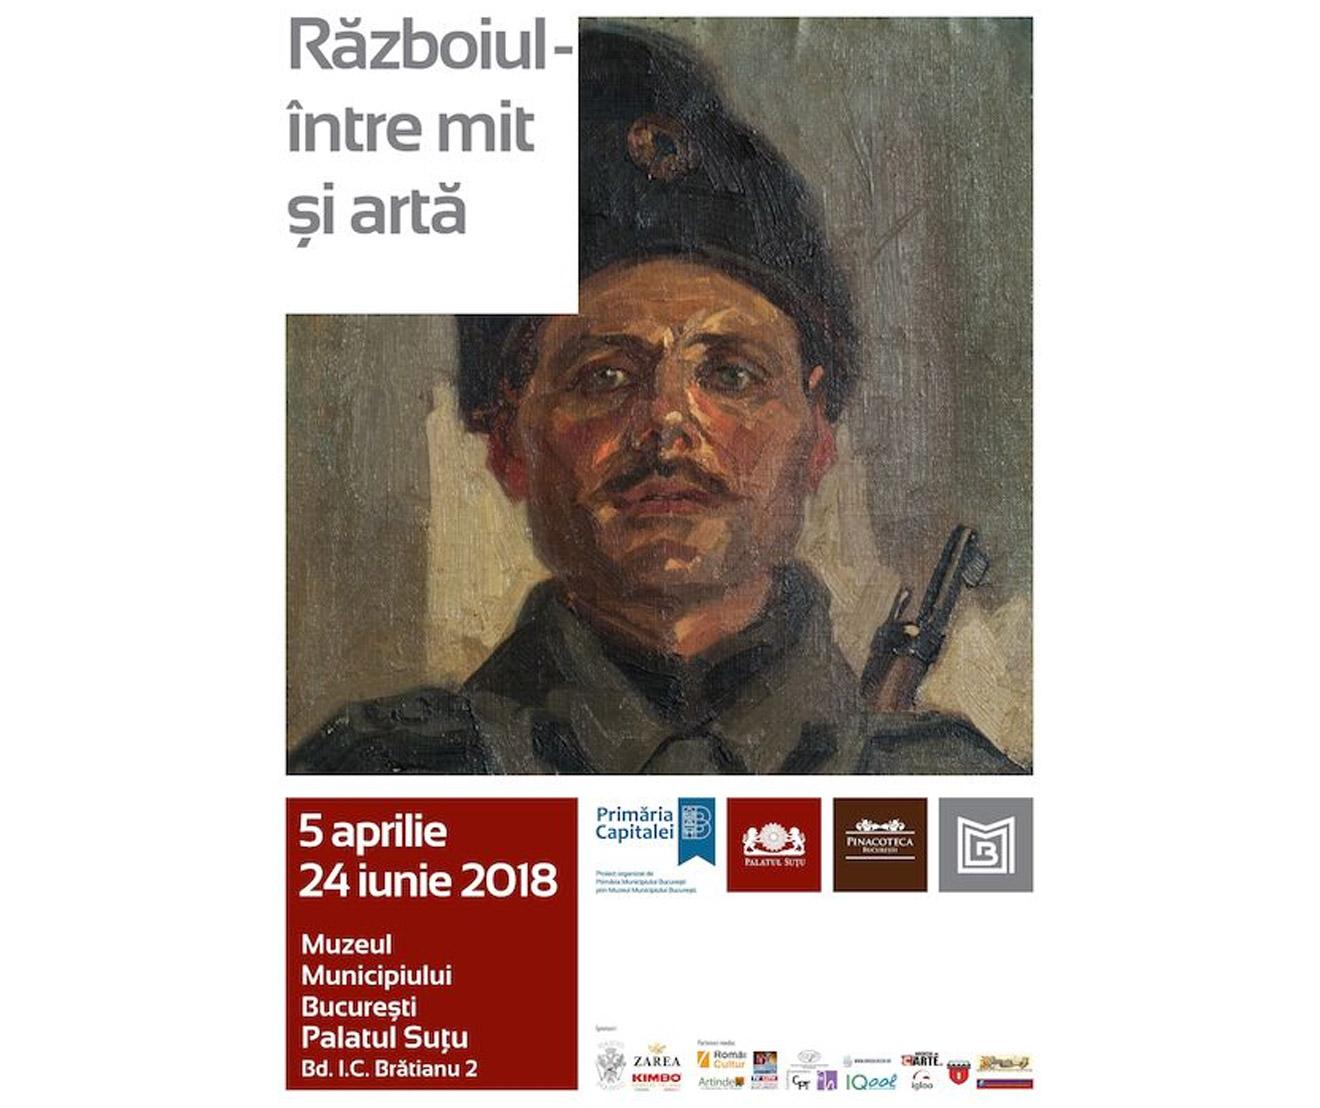 Eveniment Razboiul intre arta si mit - Bucuresti Centenar